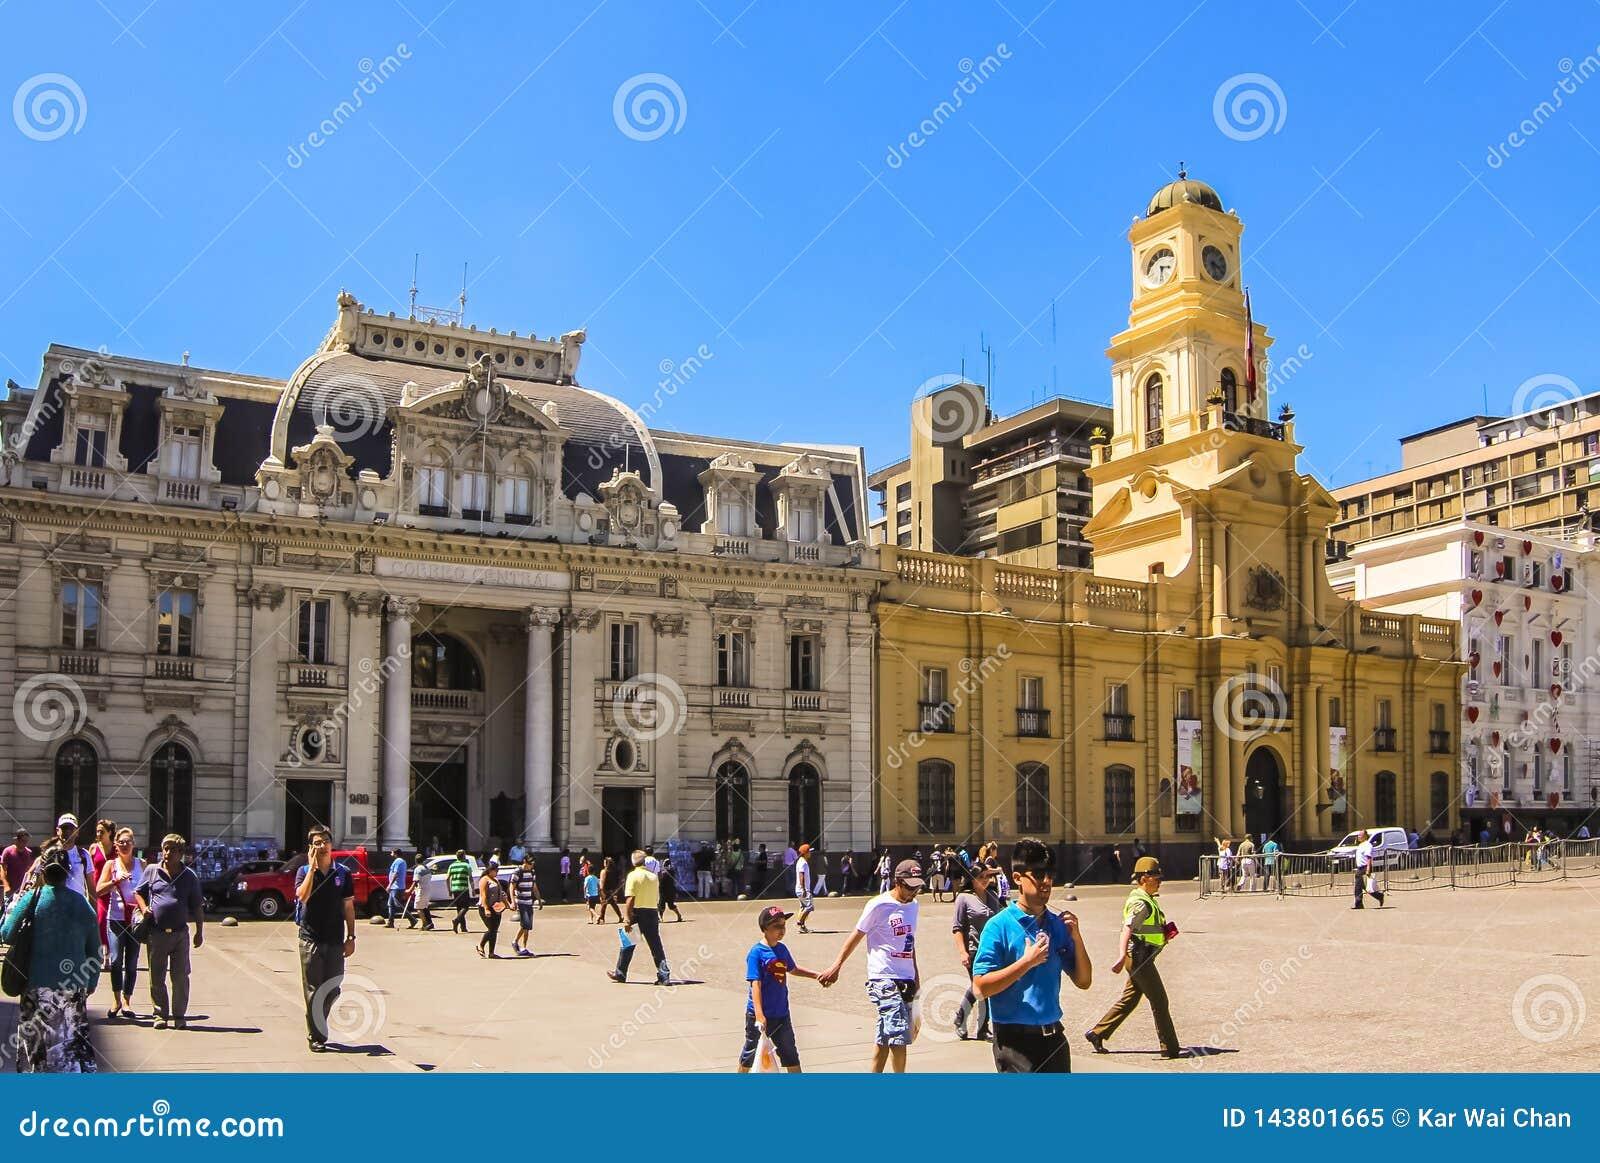 Κεντρικό κτήριο ταχυδρομείου και βασιλικό παλάτι δικαστηρίου Plaza de Armas